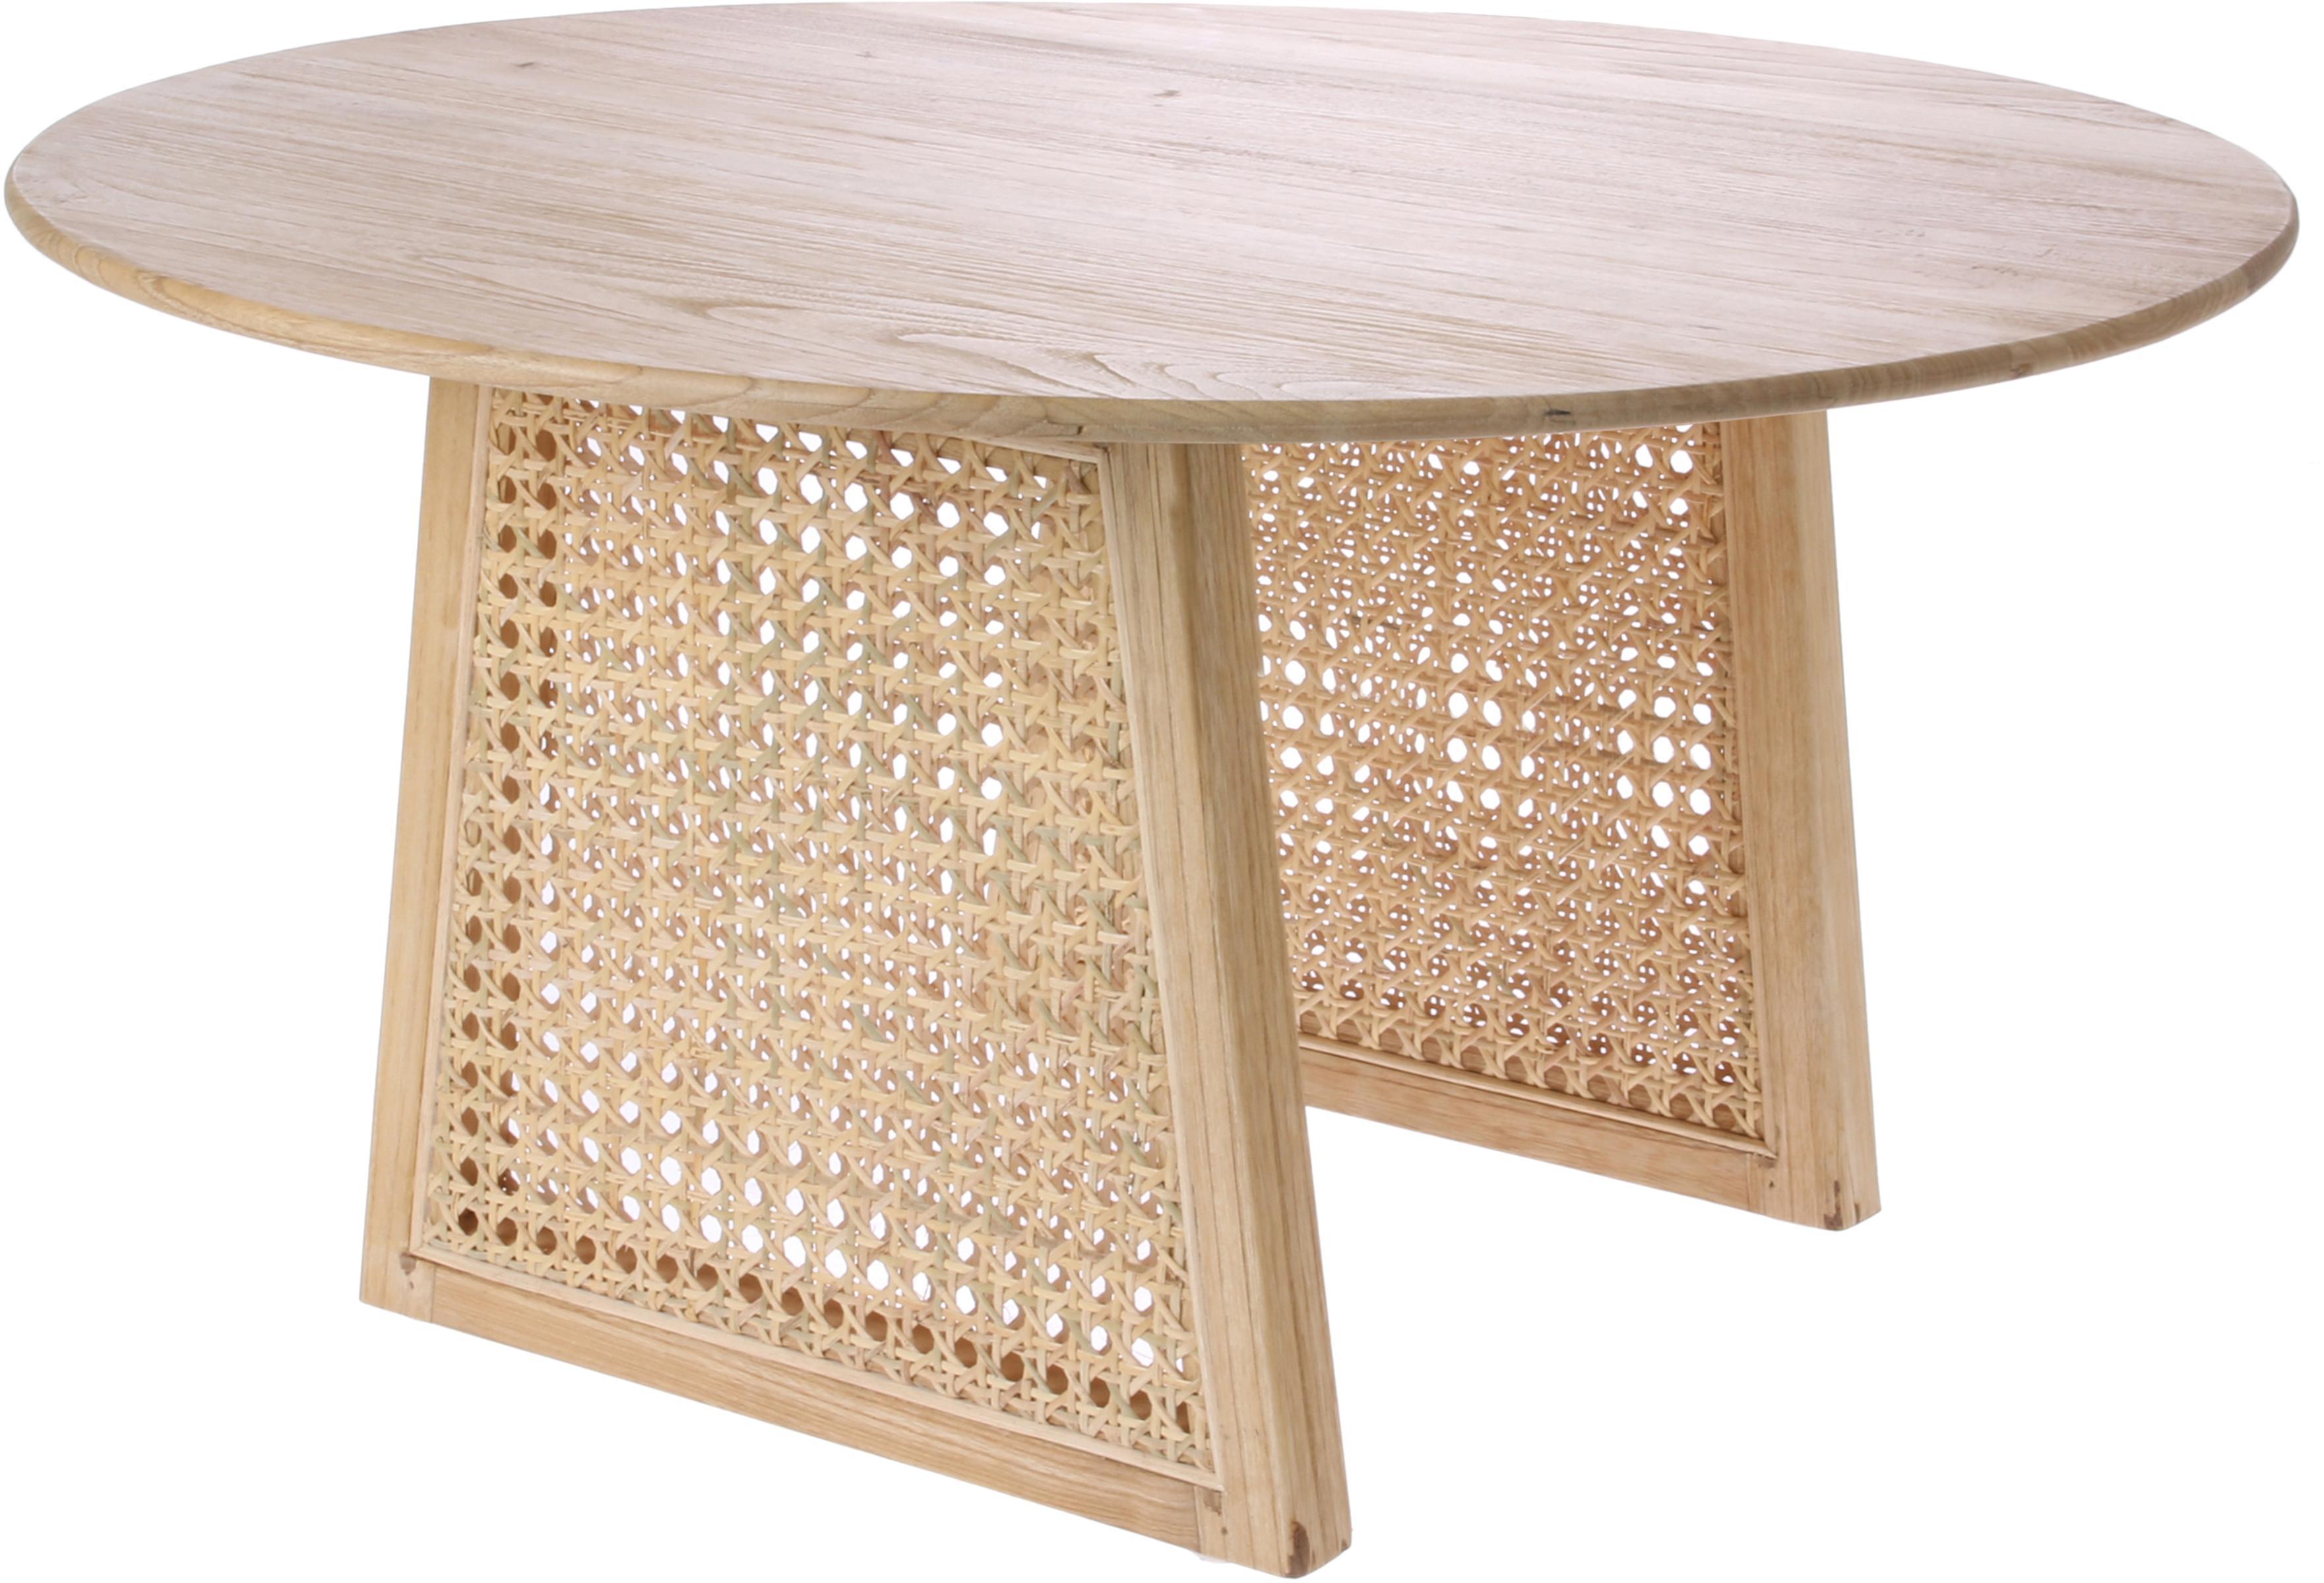 Tavolino da salotto rotondo in vimini Retro, Intreccio viennese: rattan, Legno sunkai, Ø 65 x Alt. 35 cm